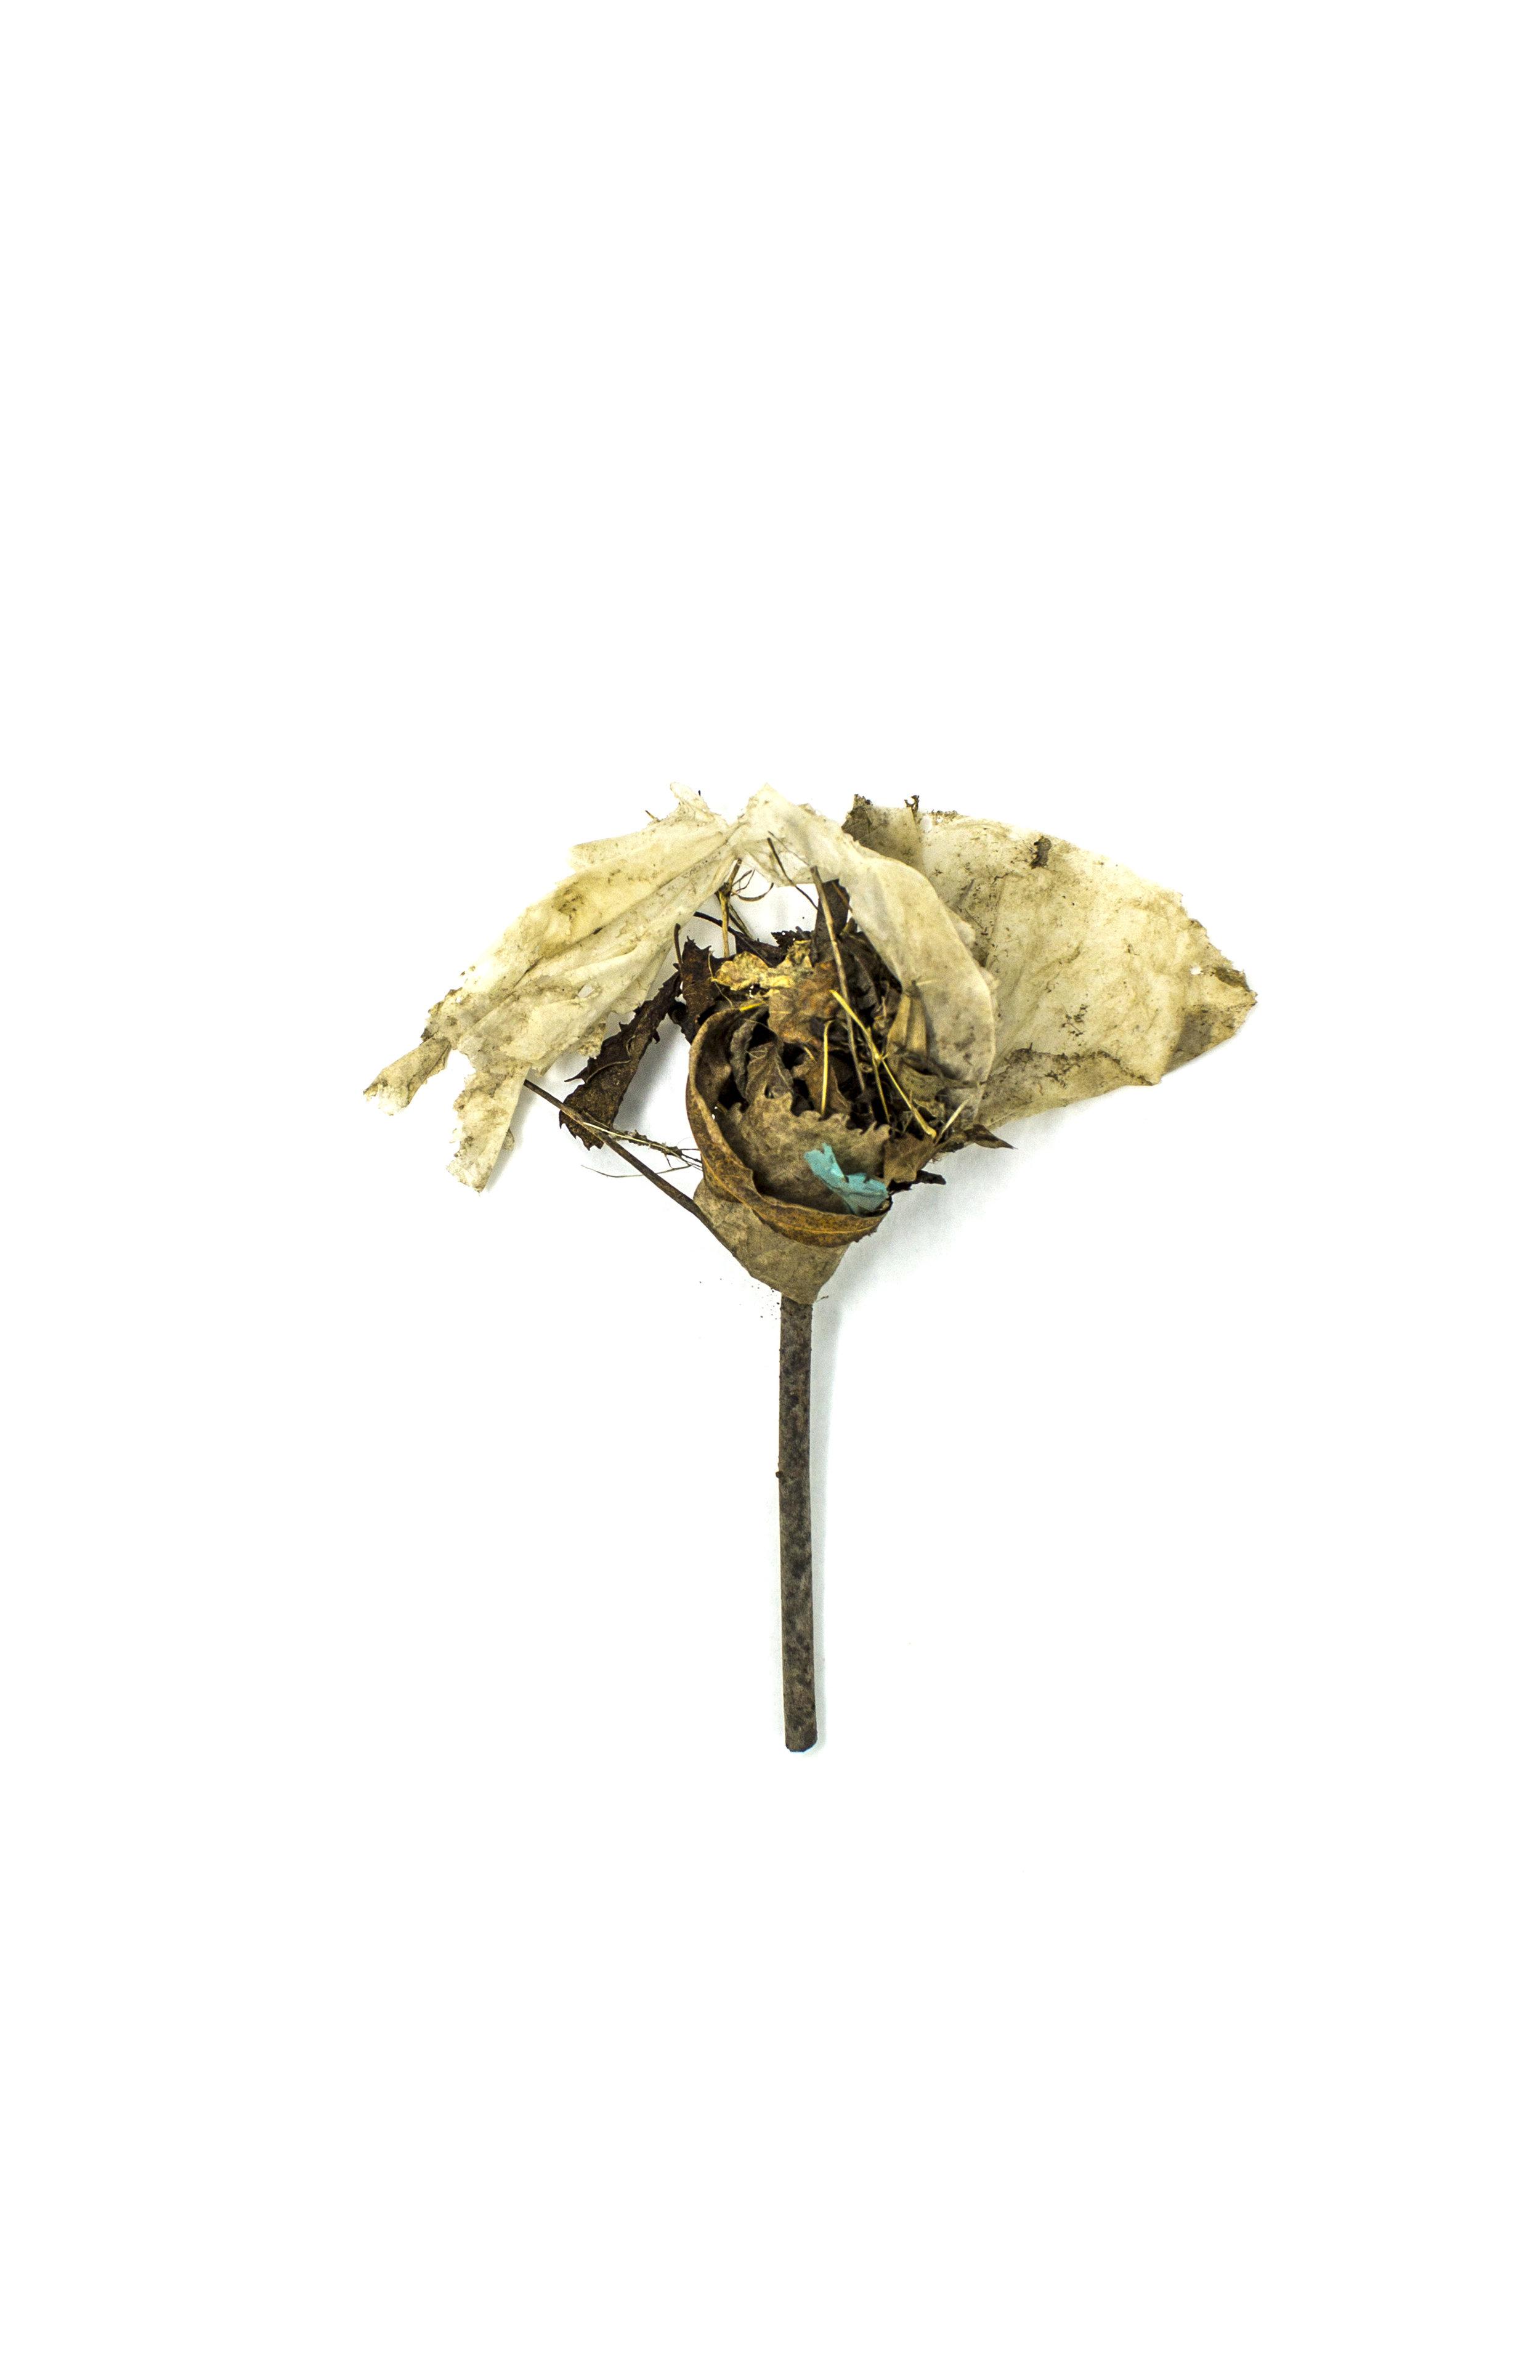 Debris_Flower_31.jpg